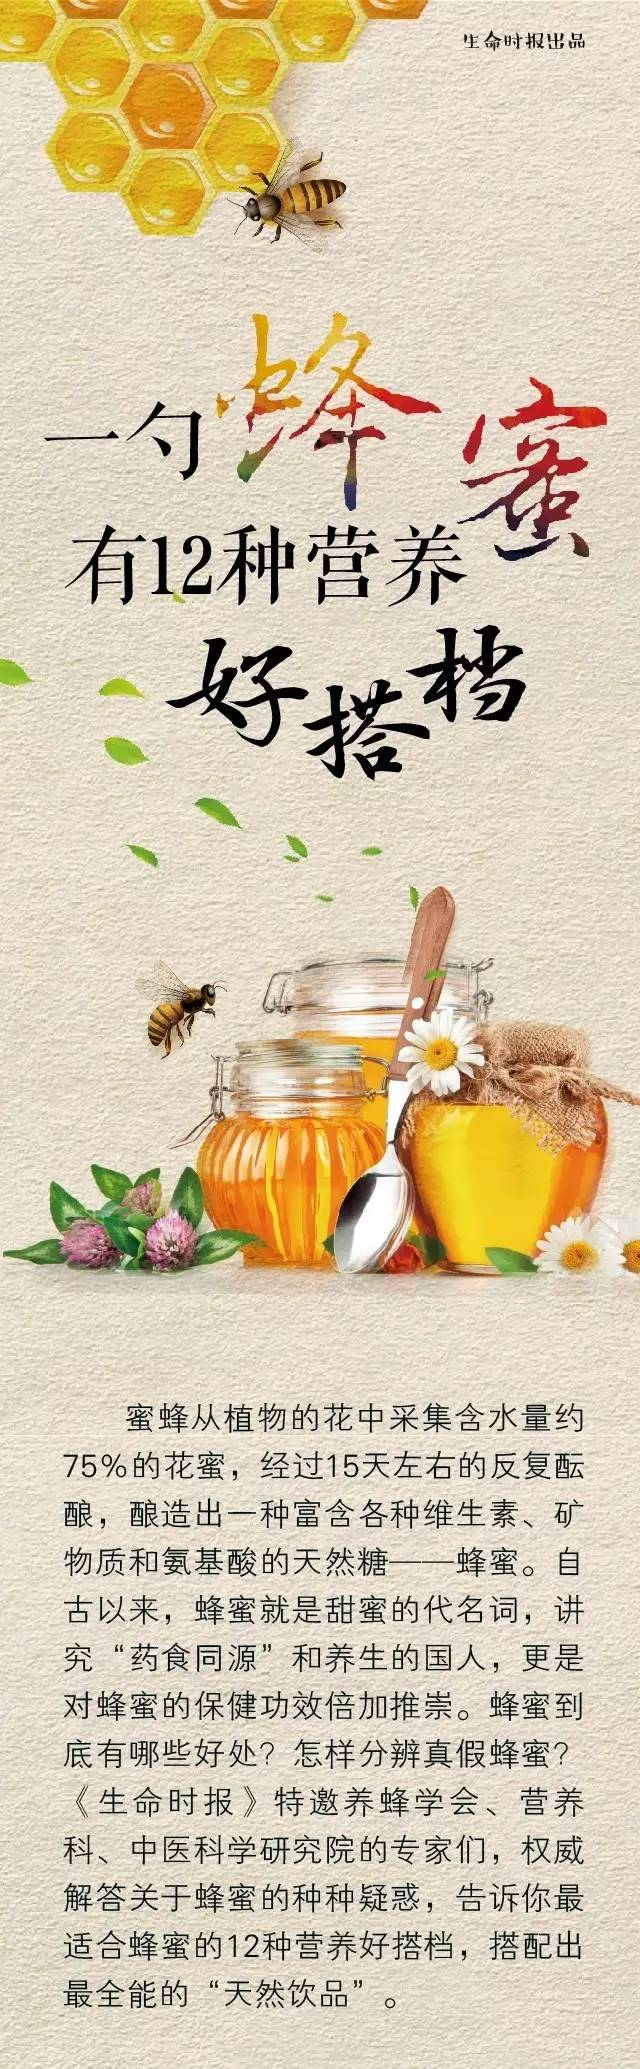 蜂蜜卖家 北京哪有卖蜂蜜的店 蜂蜜蜂胶蜂王浆 柠檬蜂蜜红茶一起喝 一周蜂蜜水减肥法